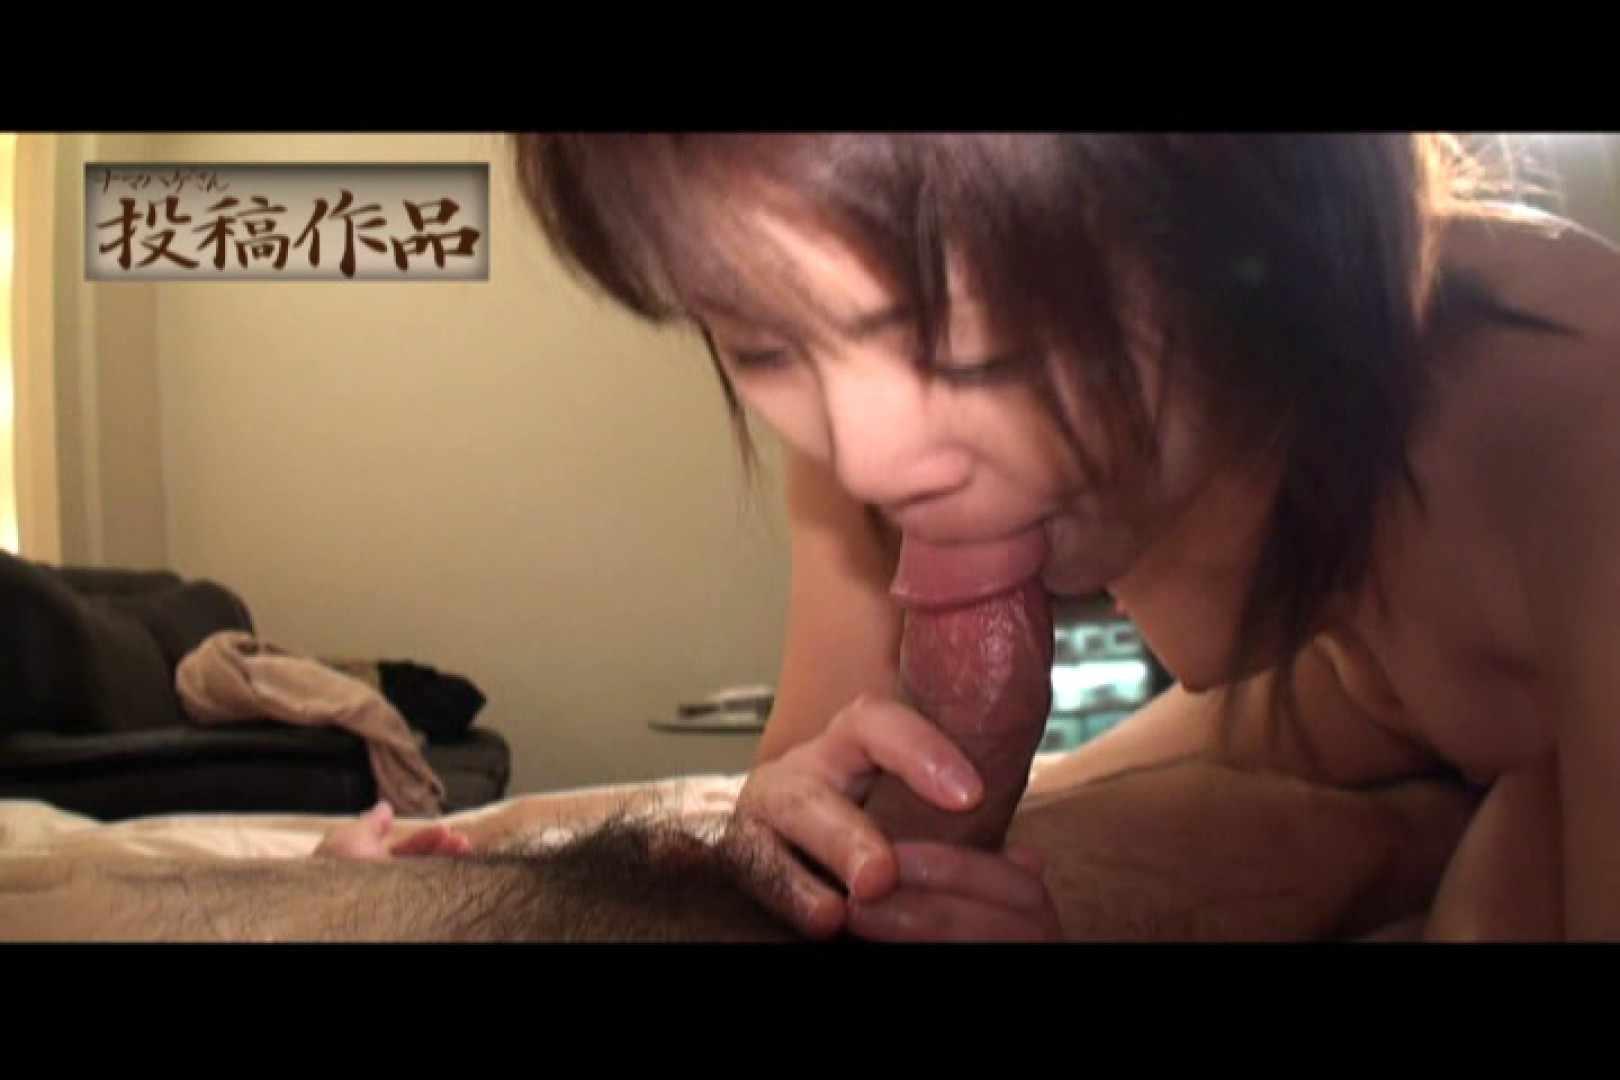 ナマハゲさんのまんこコレクションmayumi02 パイパン映像  106pic 30